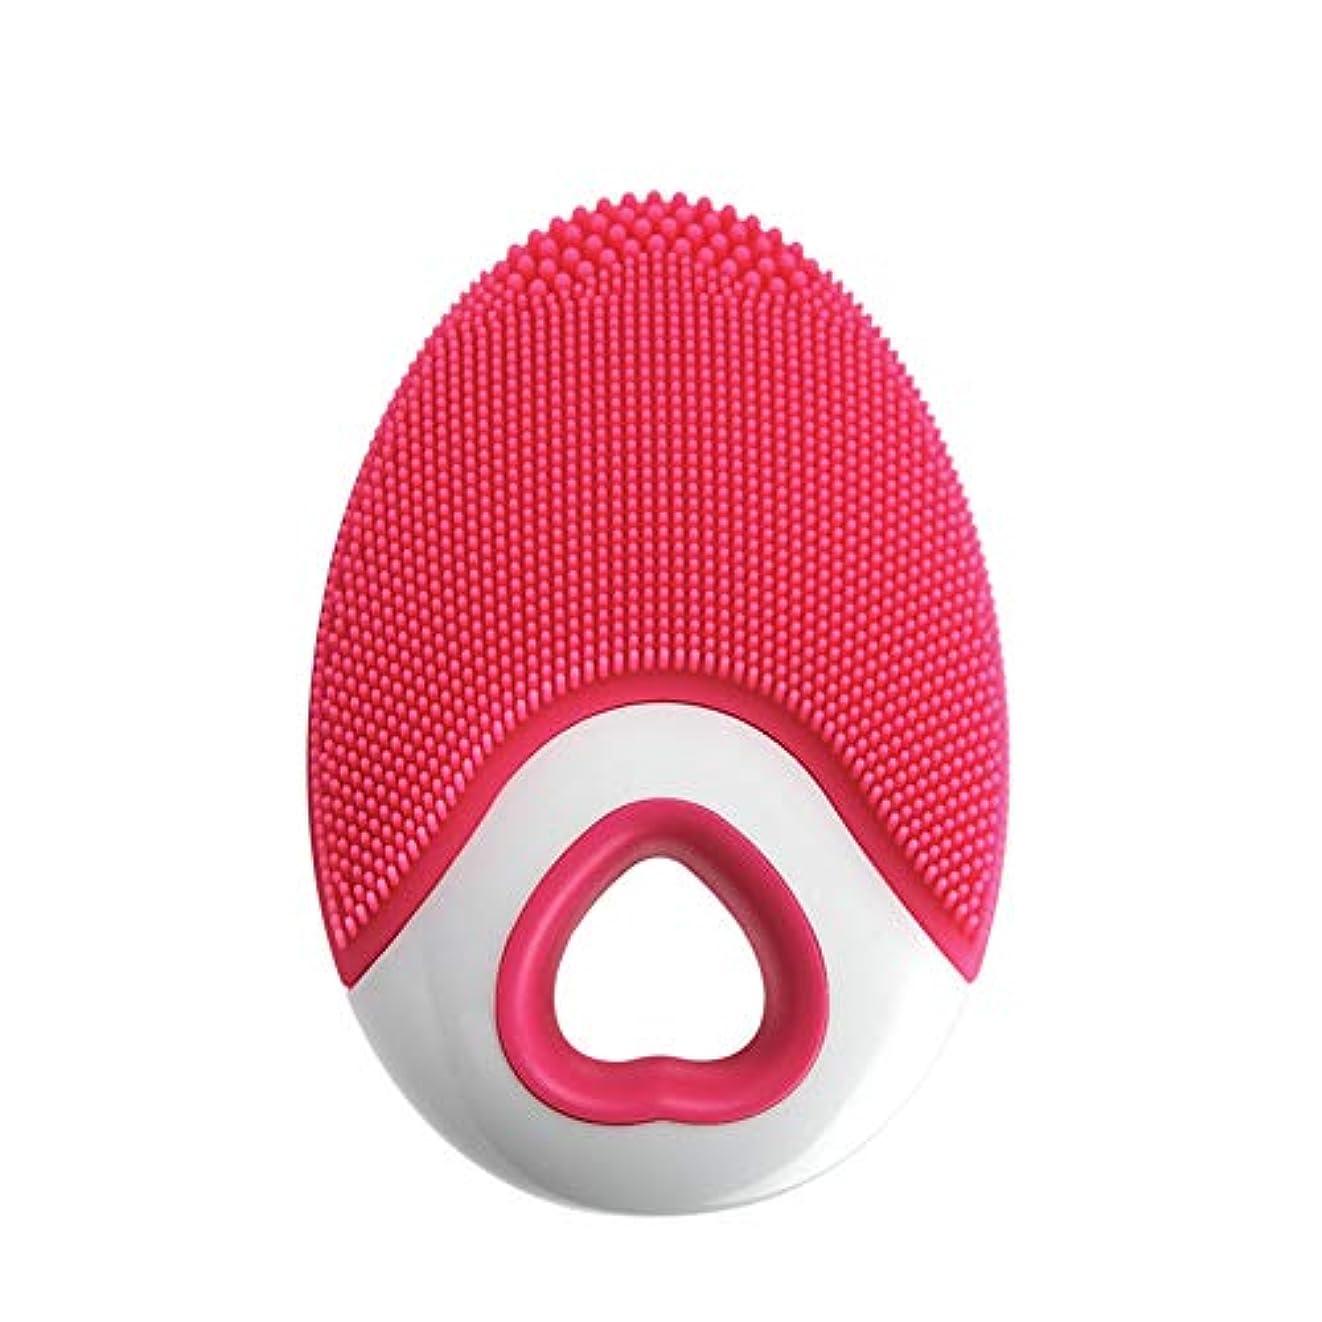 辞任する遵守するシエスタAylincool   1ピースシリコンフェイスクレンザーブラシ超音波ディープクリーニング防水ワイヤレス充電